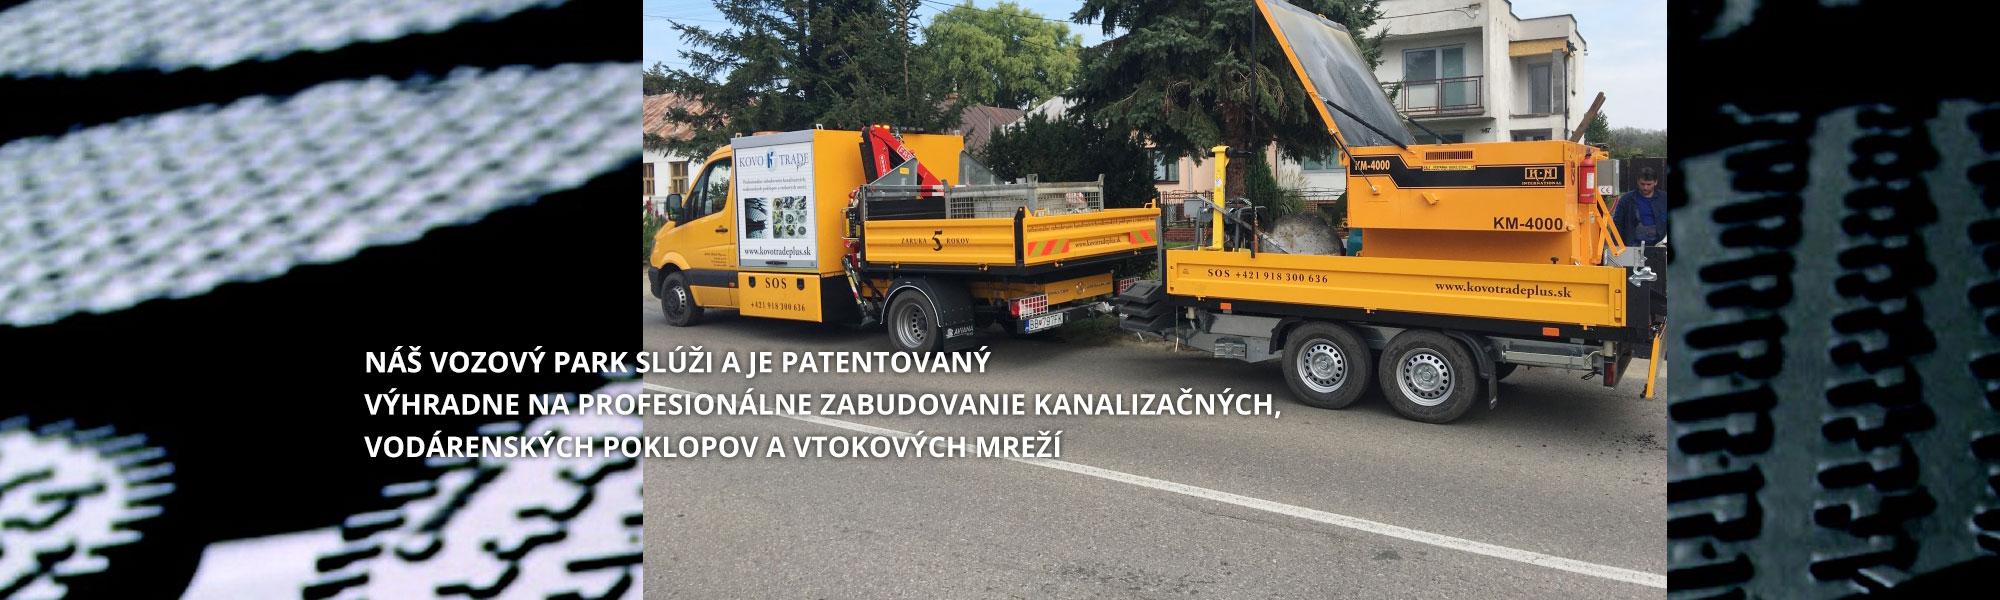 vozovy-park-2